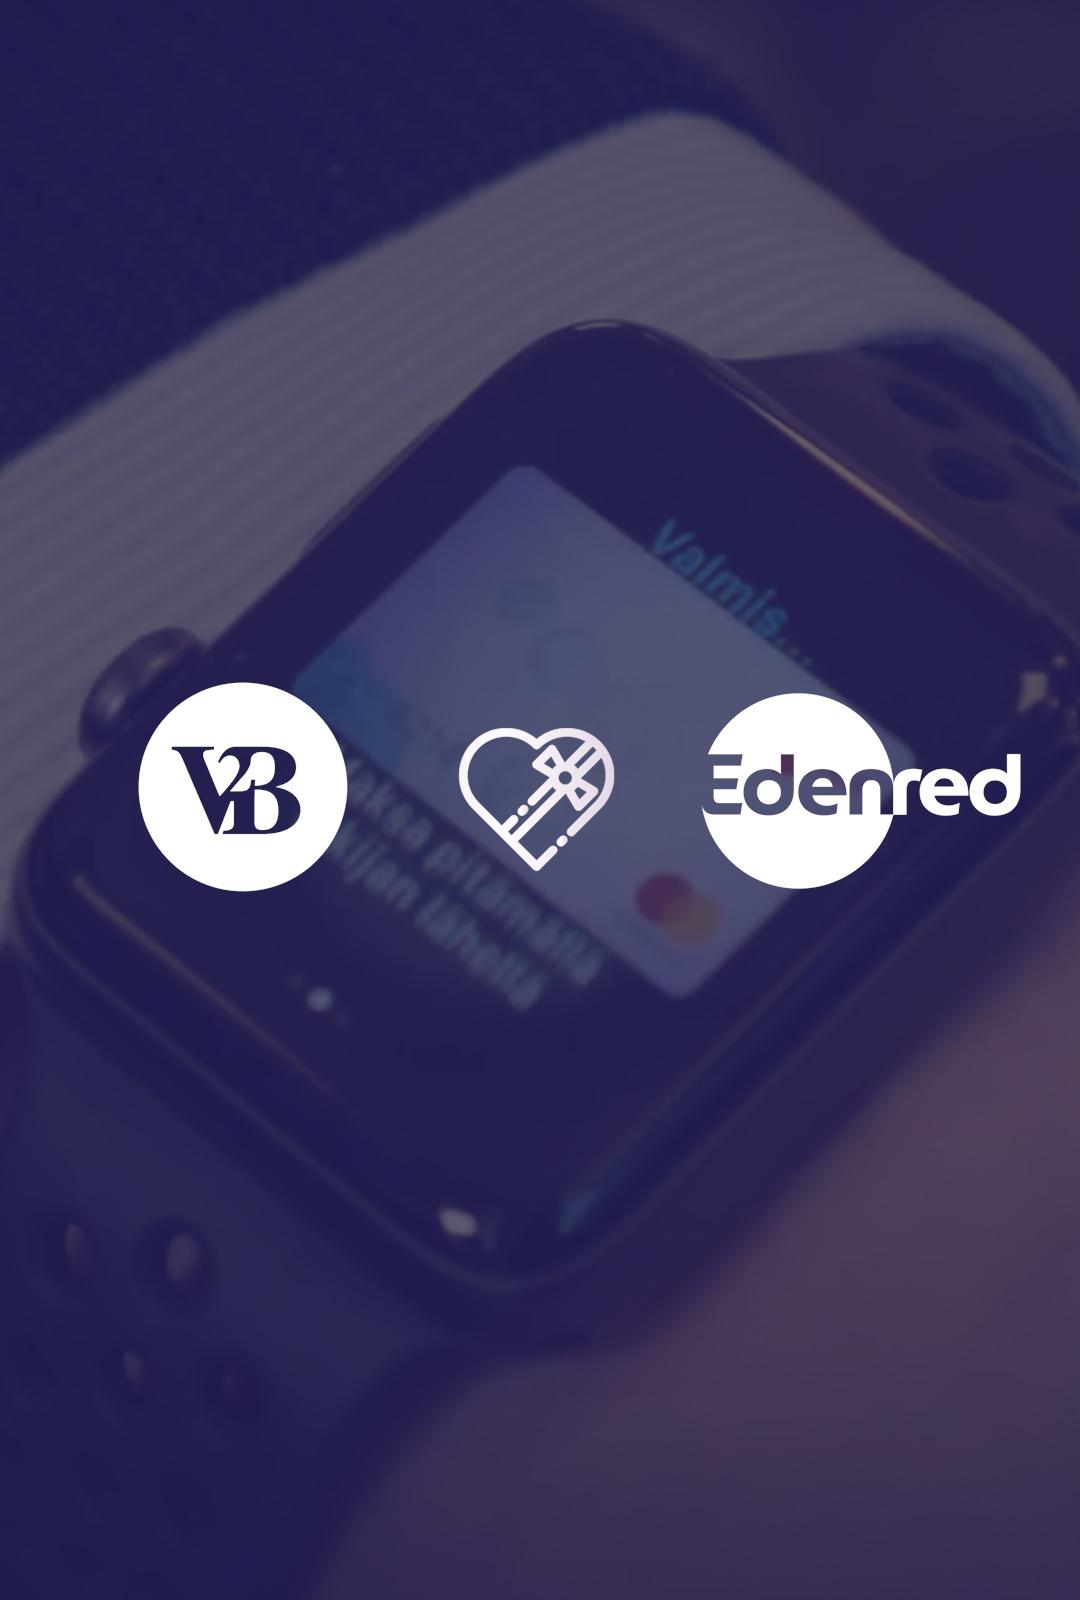 V2B ja Edenred